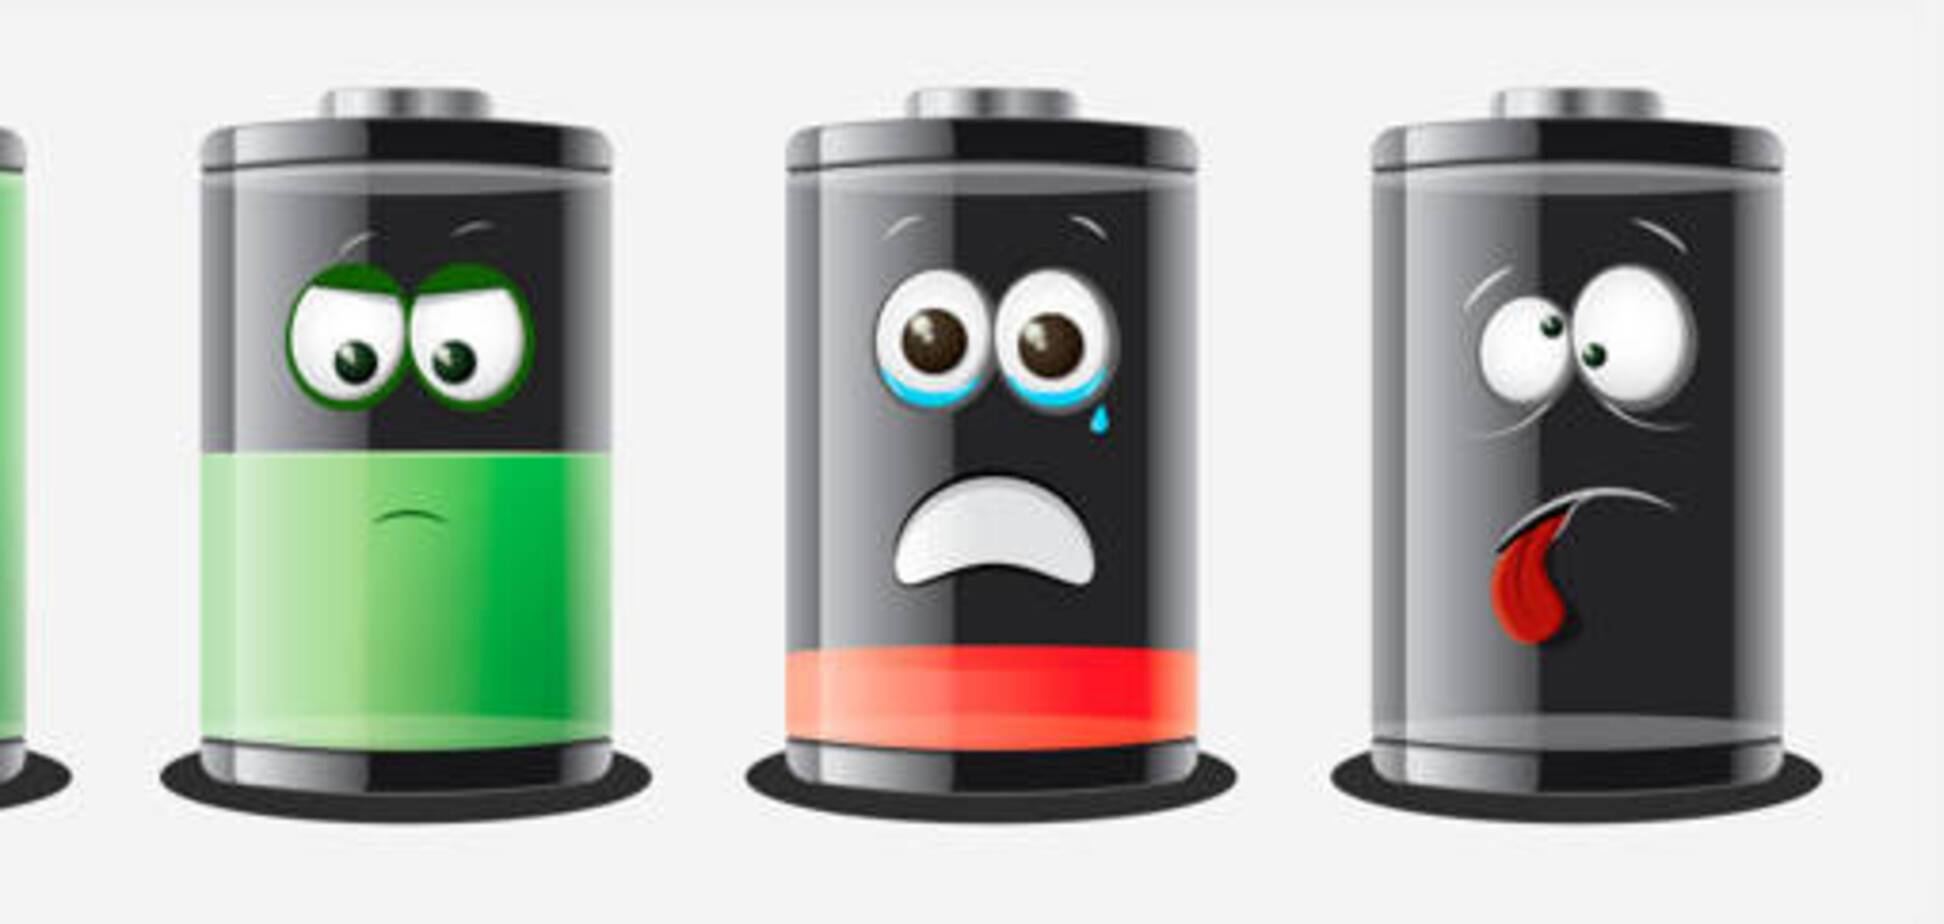 Они убивают смартфон: пять самых вредных приложений для телефона